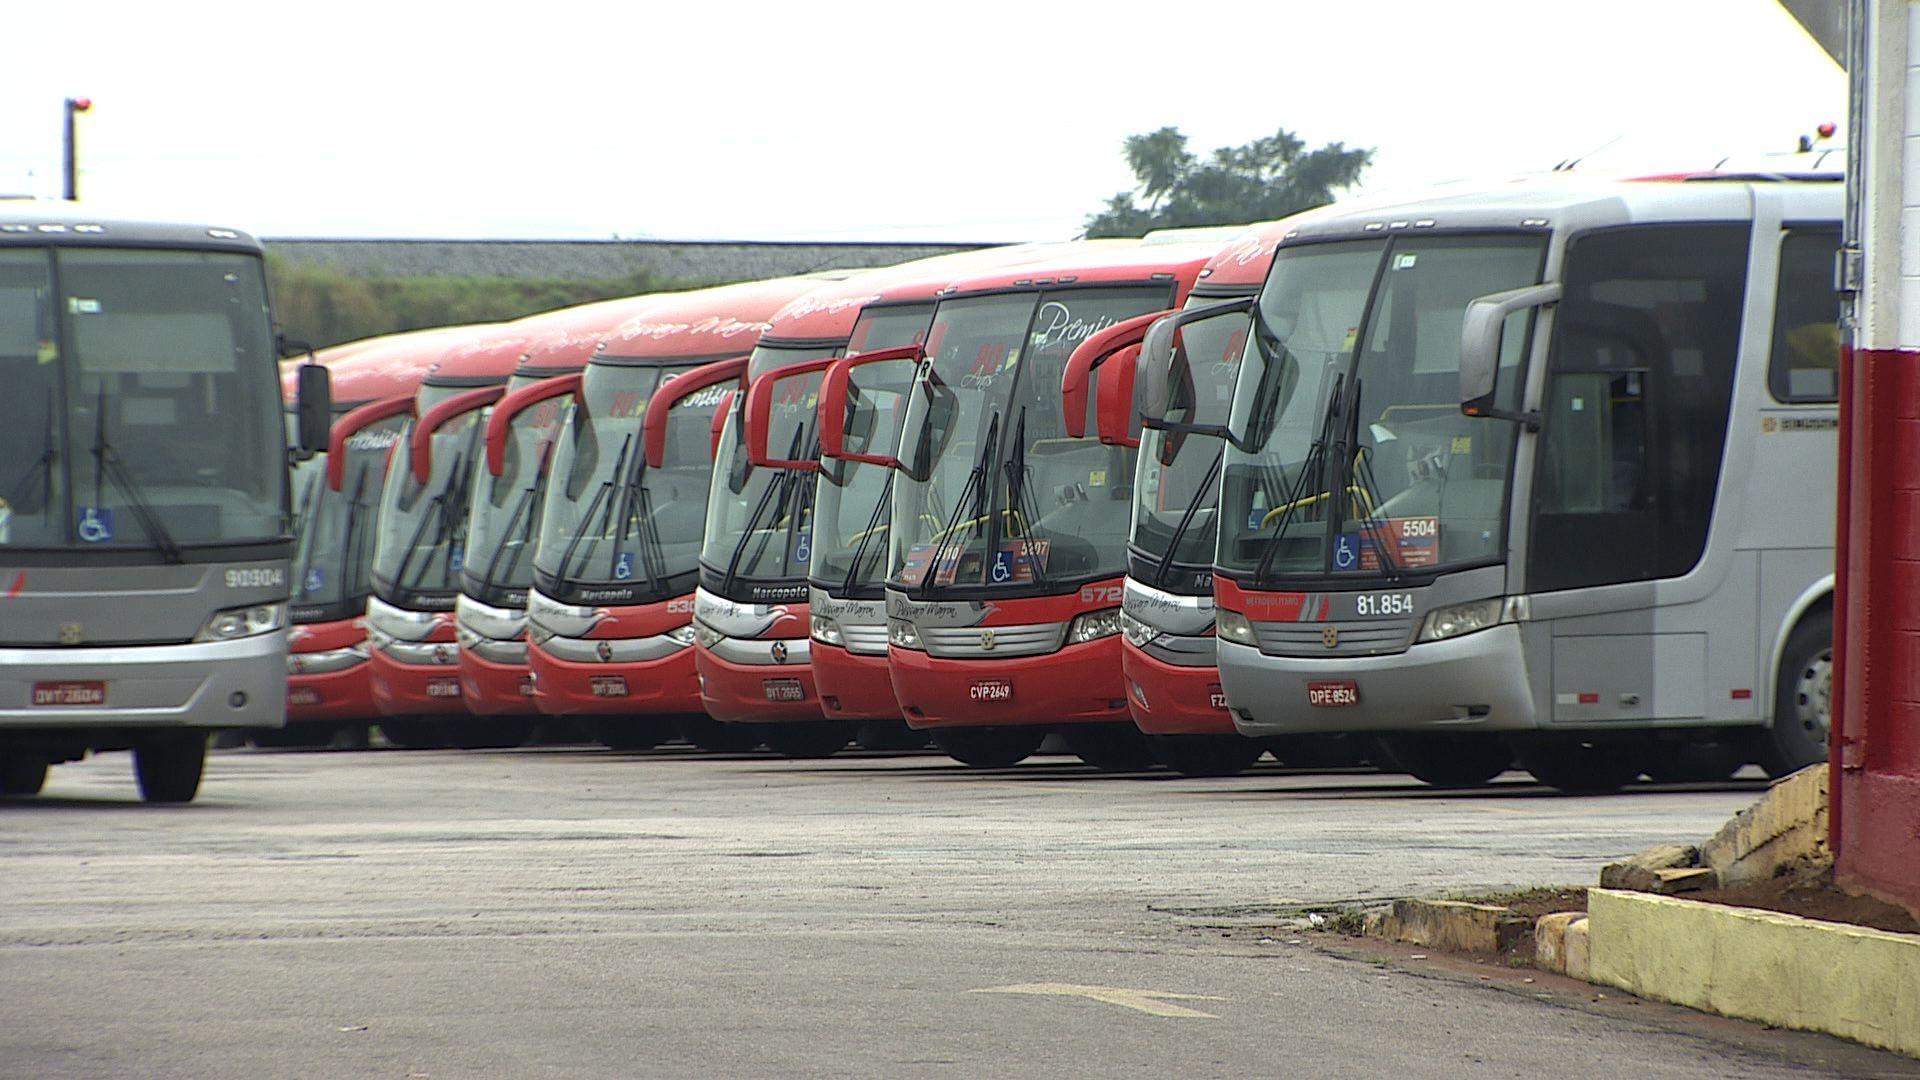 Tarifas de ônibus intermunicipais terão reajuste médio de 6,88% no Vale do Paraíba - Noticias